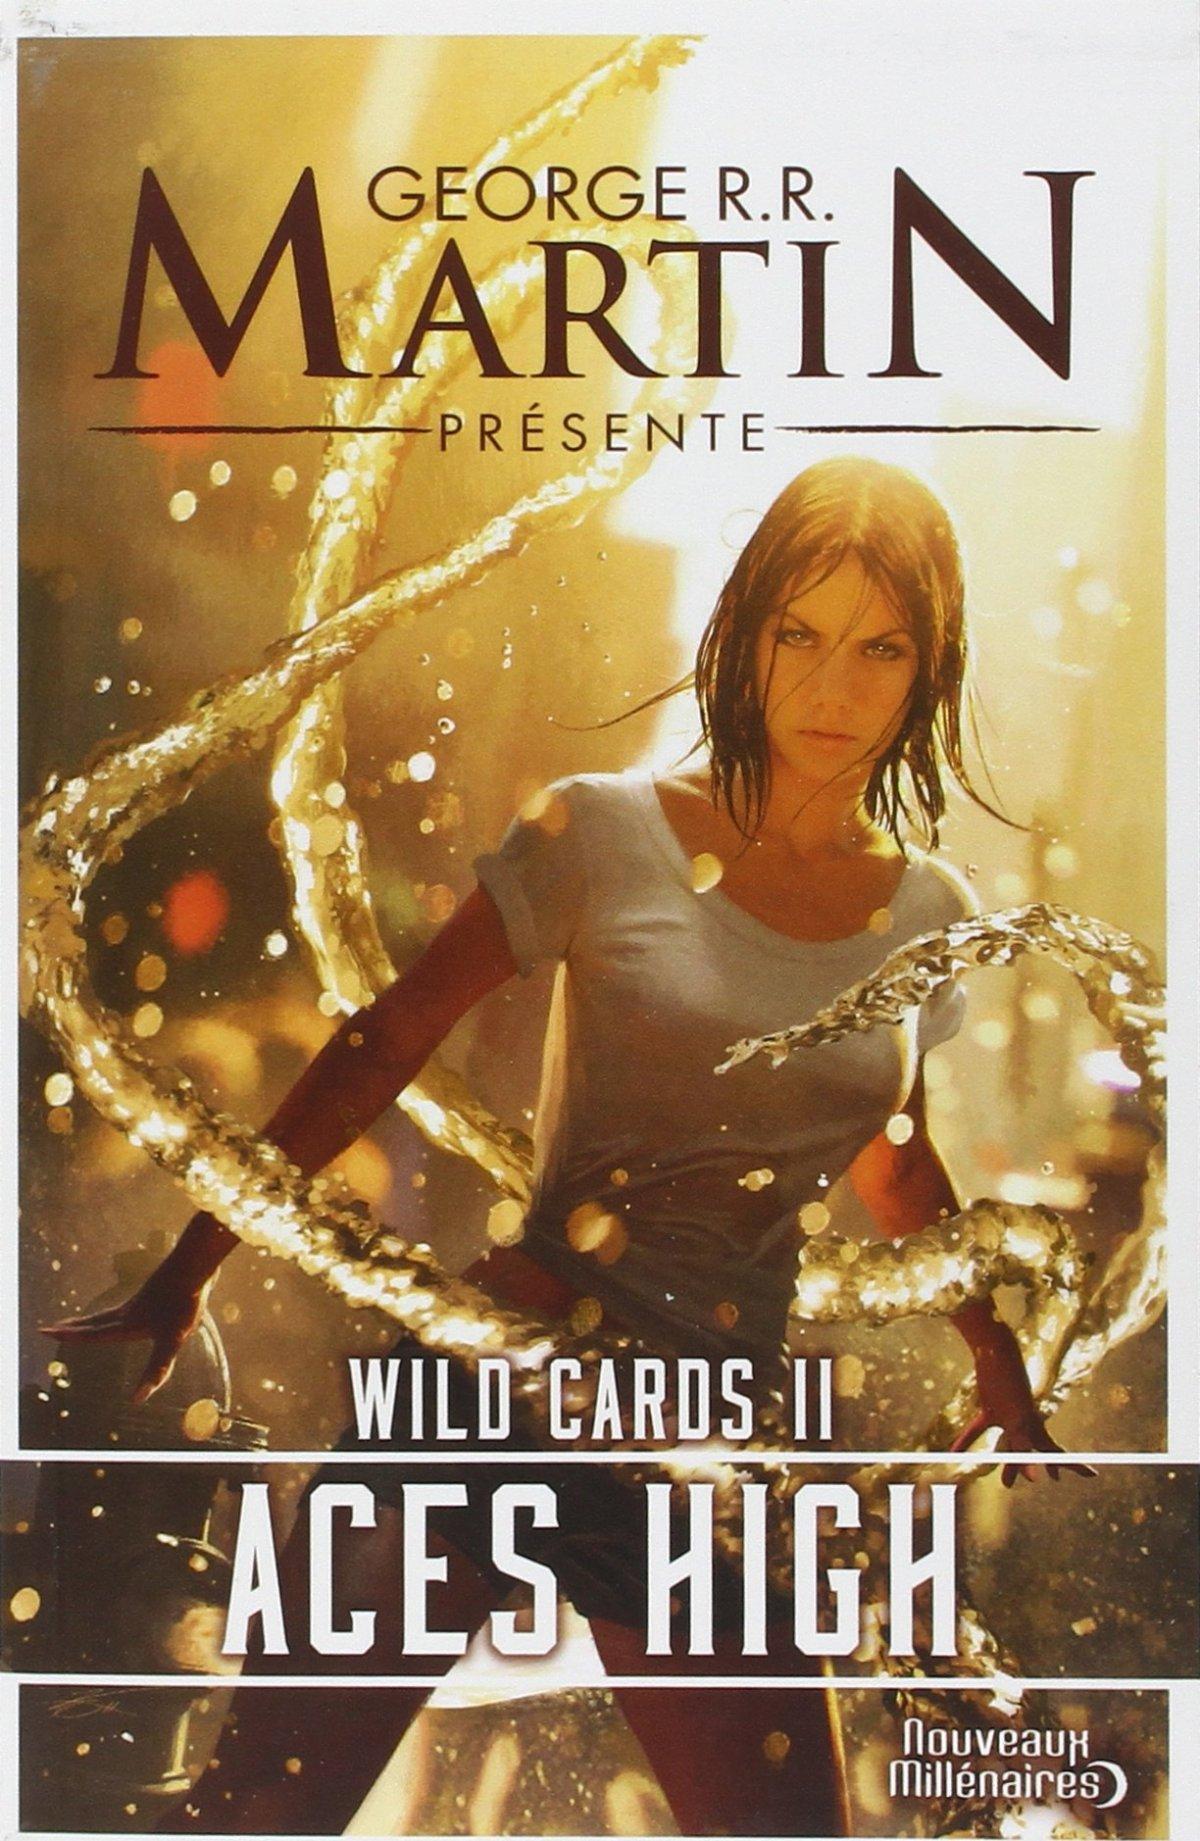 Revue Littéraire : Wild Cards (Martin), tome 2 : AcesHigh